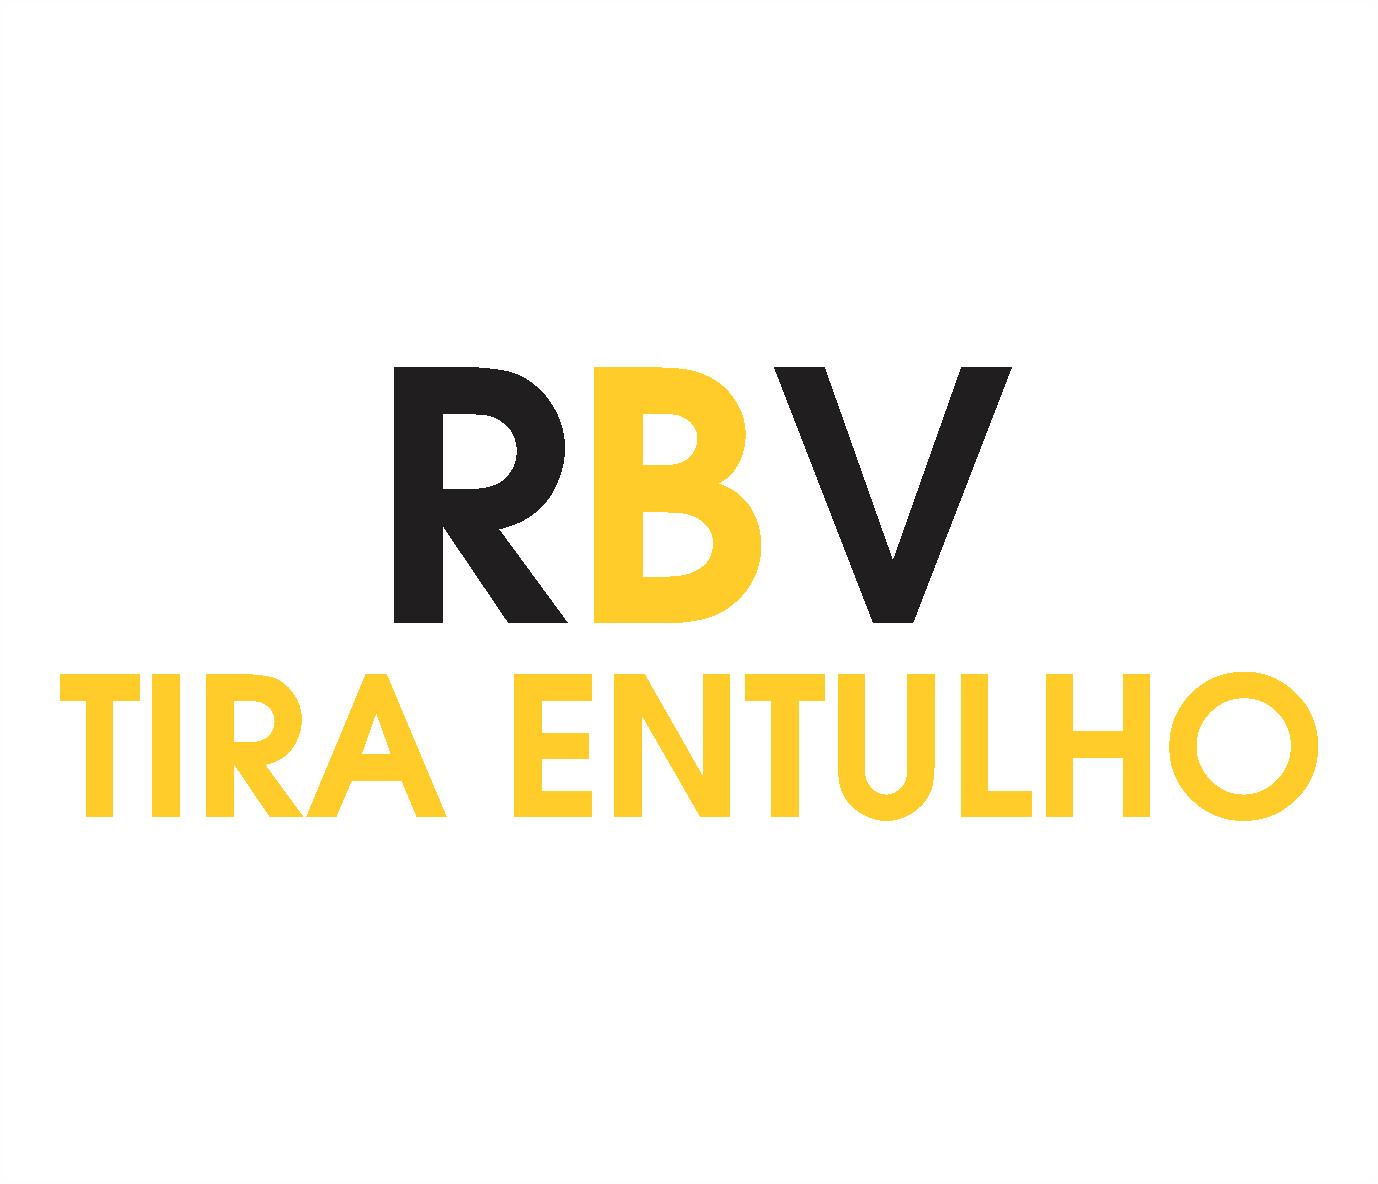 RBV Tira Entulho